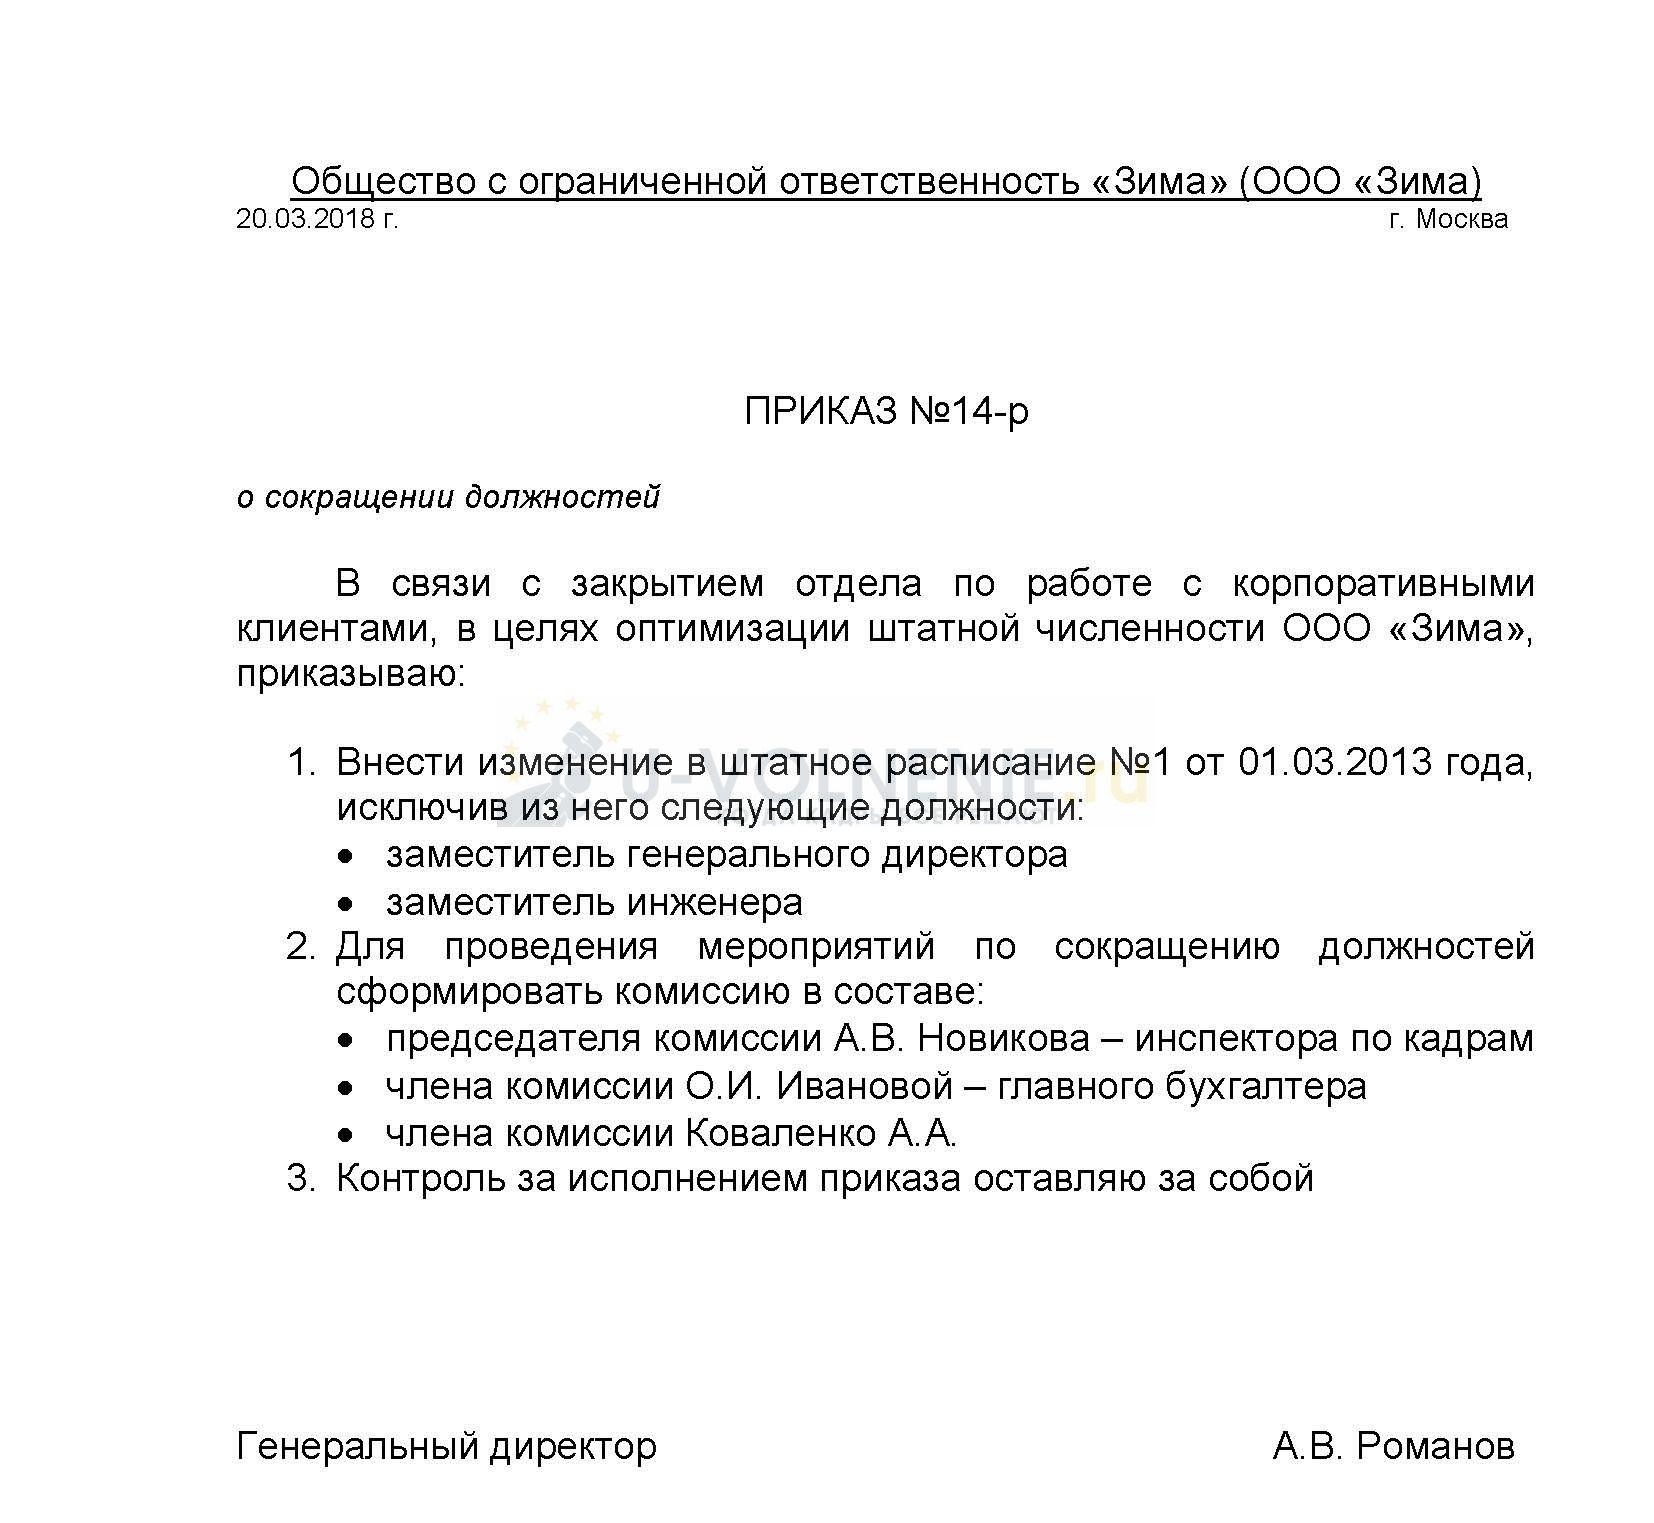 Образец приказа о сокращении должности